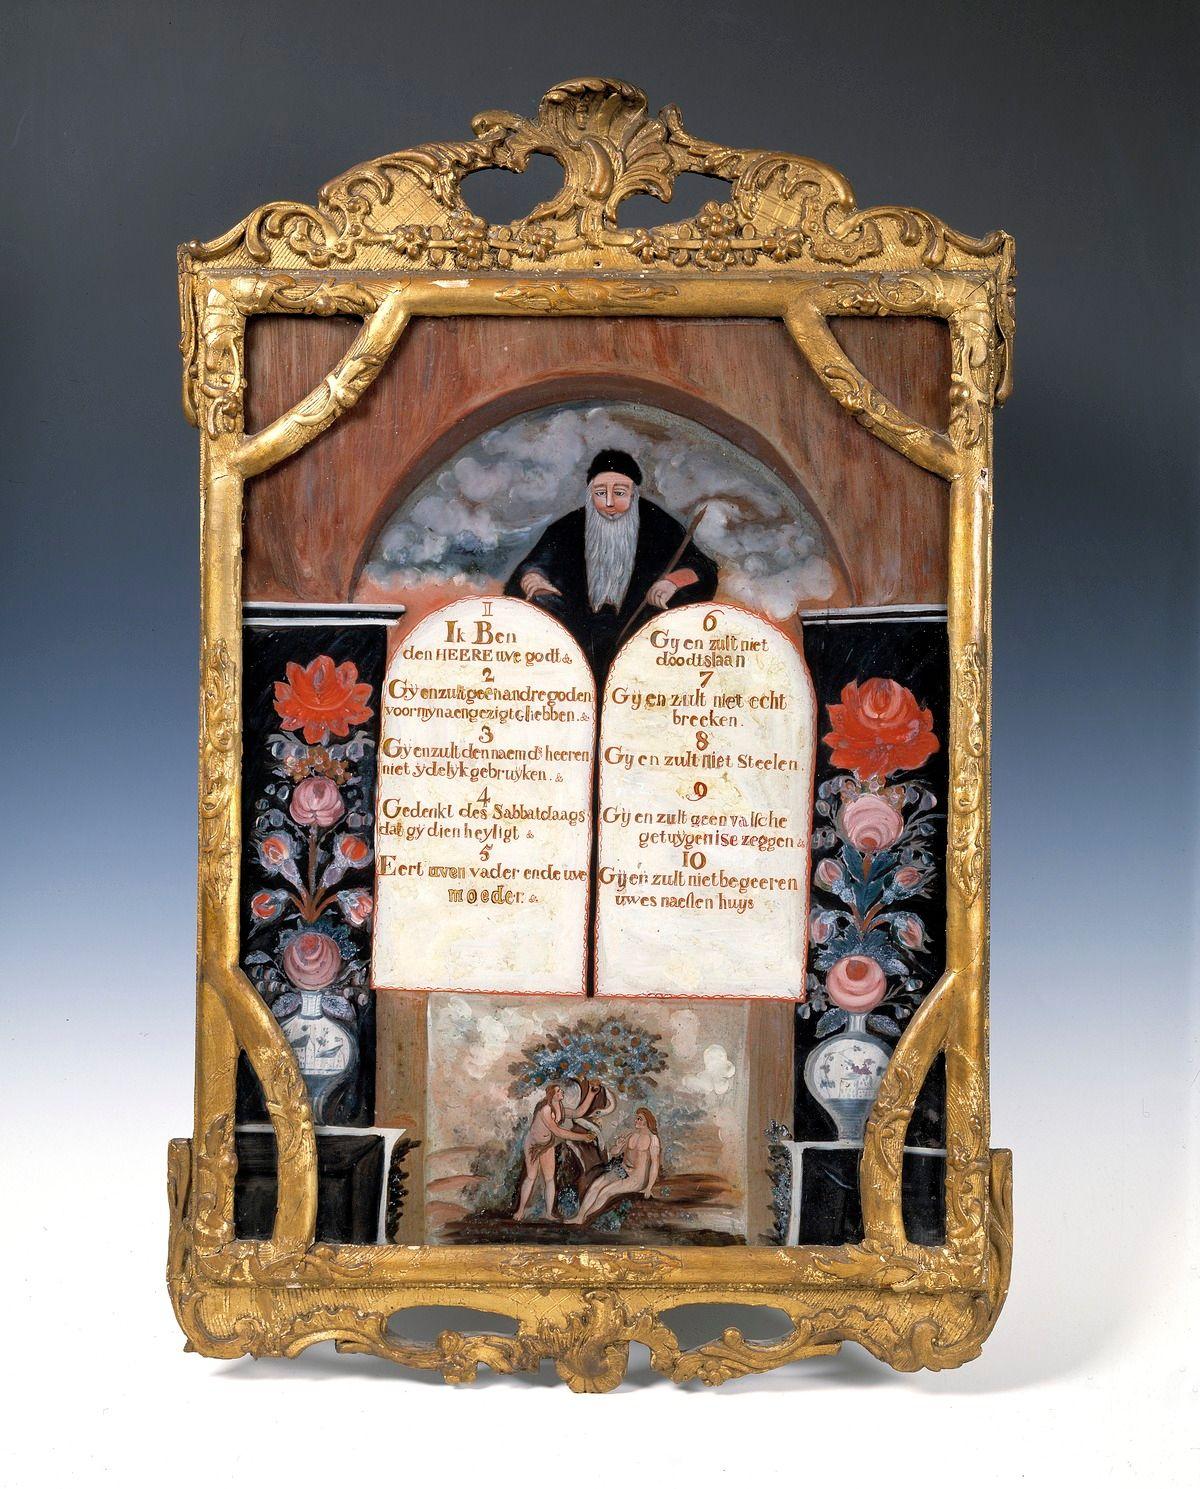 MCC-11868_Achterglasschildering,_tiengebodenbord_met_stenen_tafelen_waarboven_Mozes,_eronder_de_zondeval_(1).tif